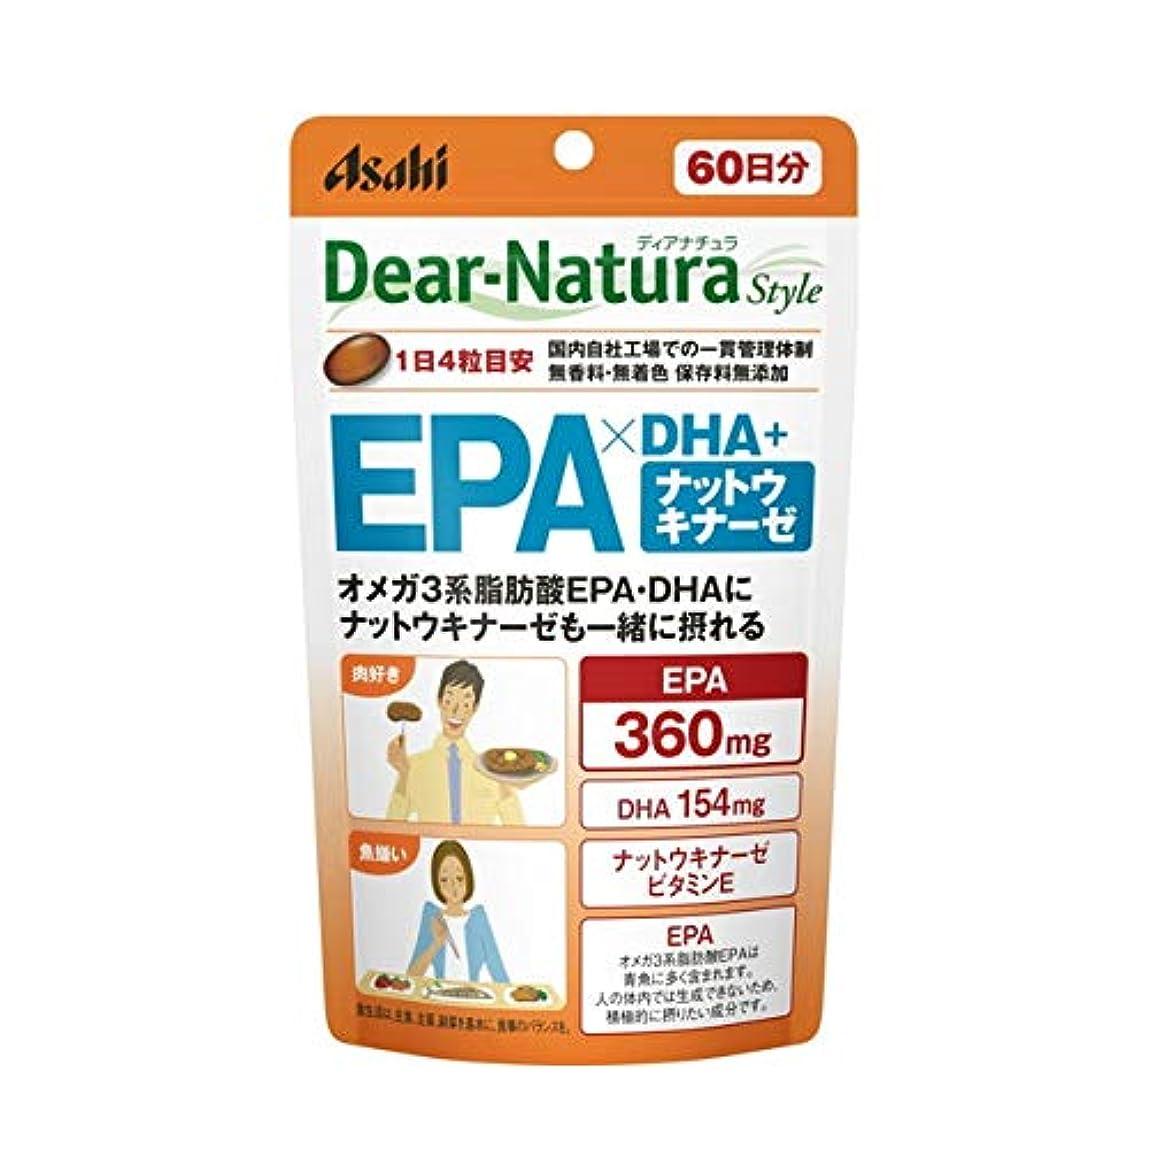 中止します拒絶する日ディアナチュラスタイル EPA×DHA +ナットウキナーゼ 240粒 (60日分)